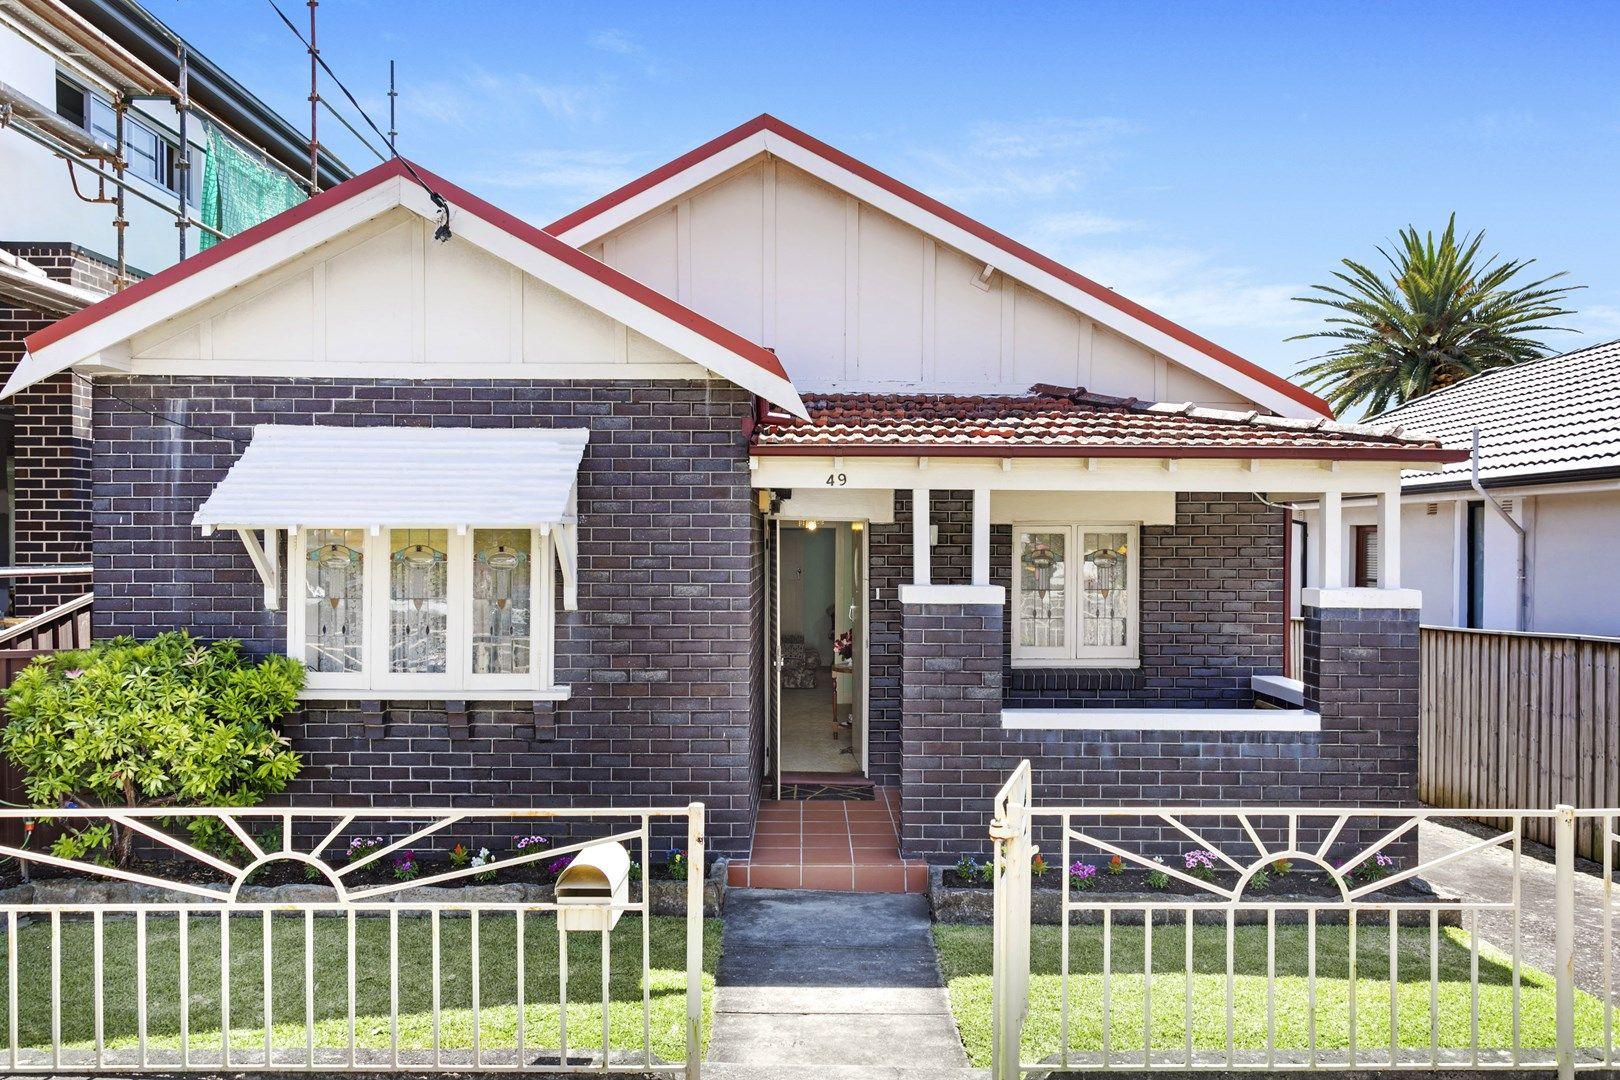 49 Woolcott Street, Earlwood NSW 2206, Image 0